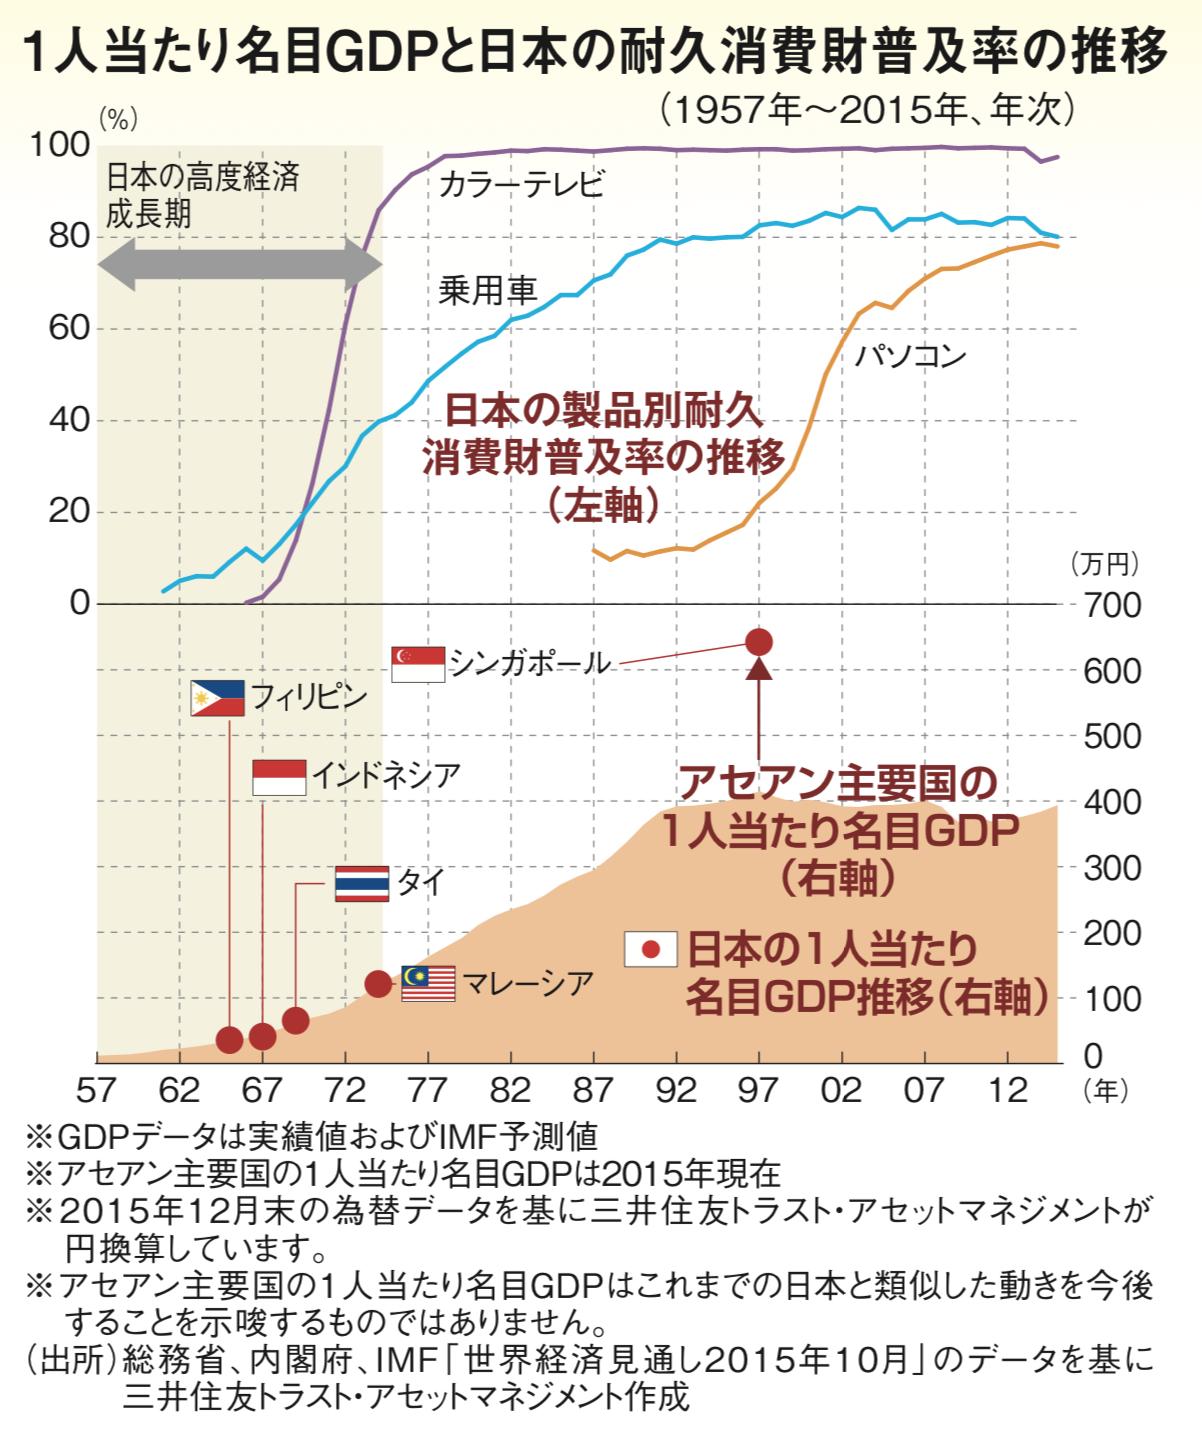 一人あたり名目GDPと日本の耐久消費財普及率の推移